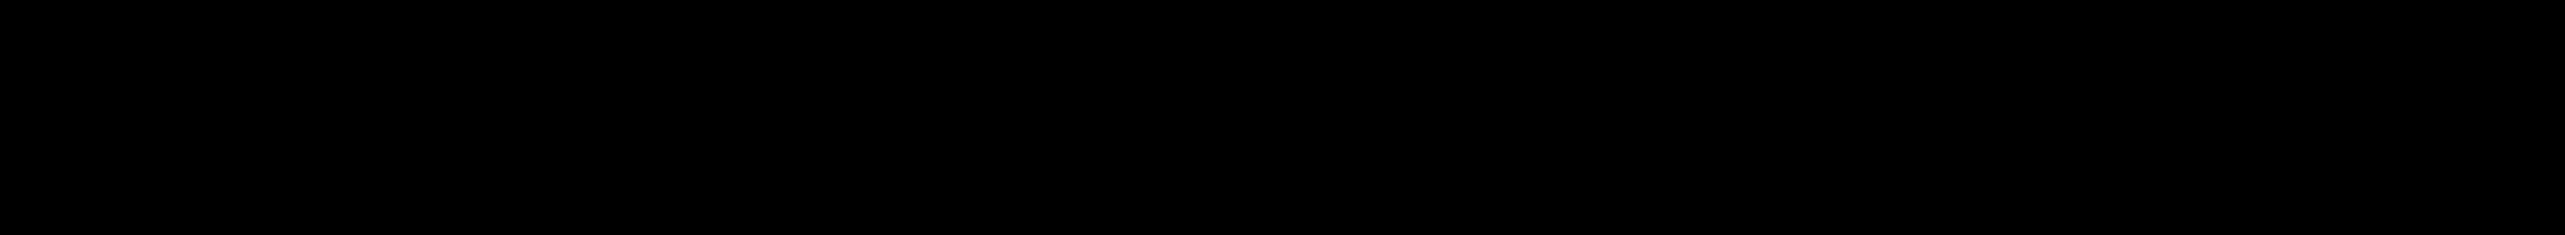 Urge Text Black Italic Condensed